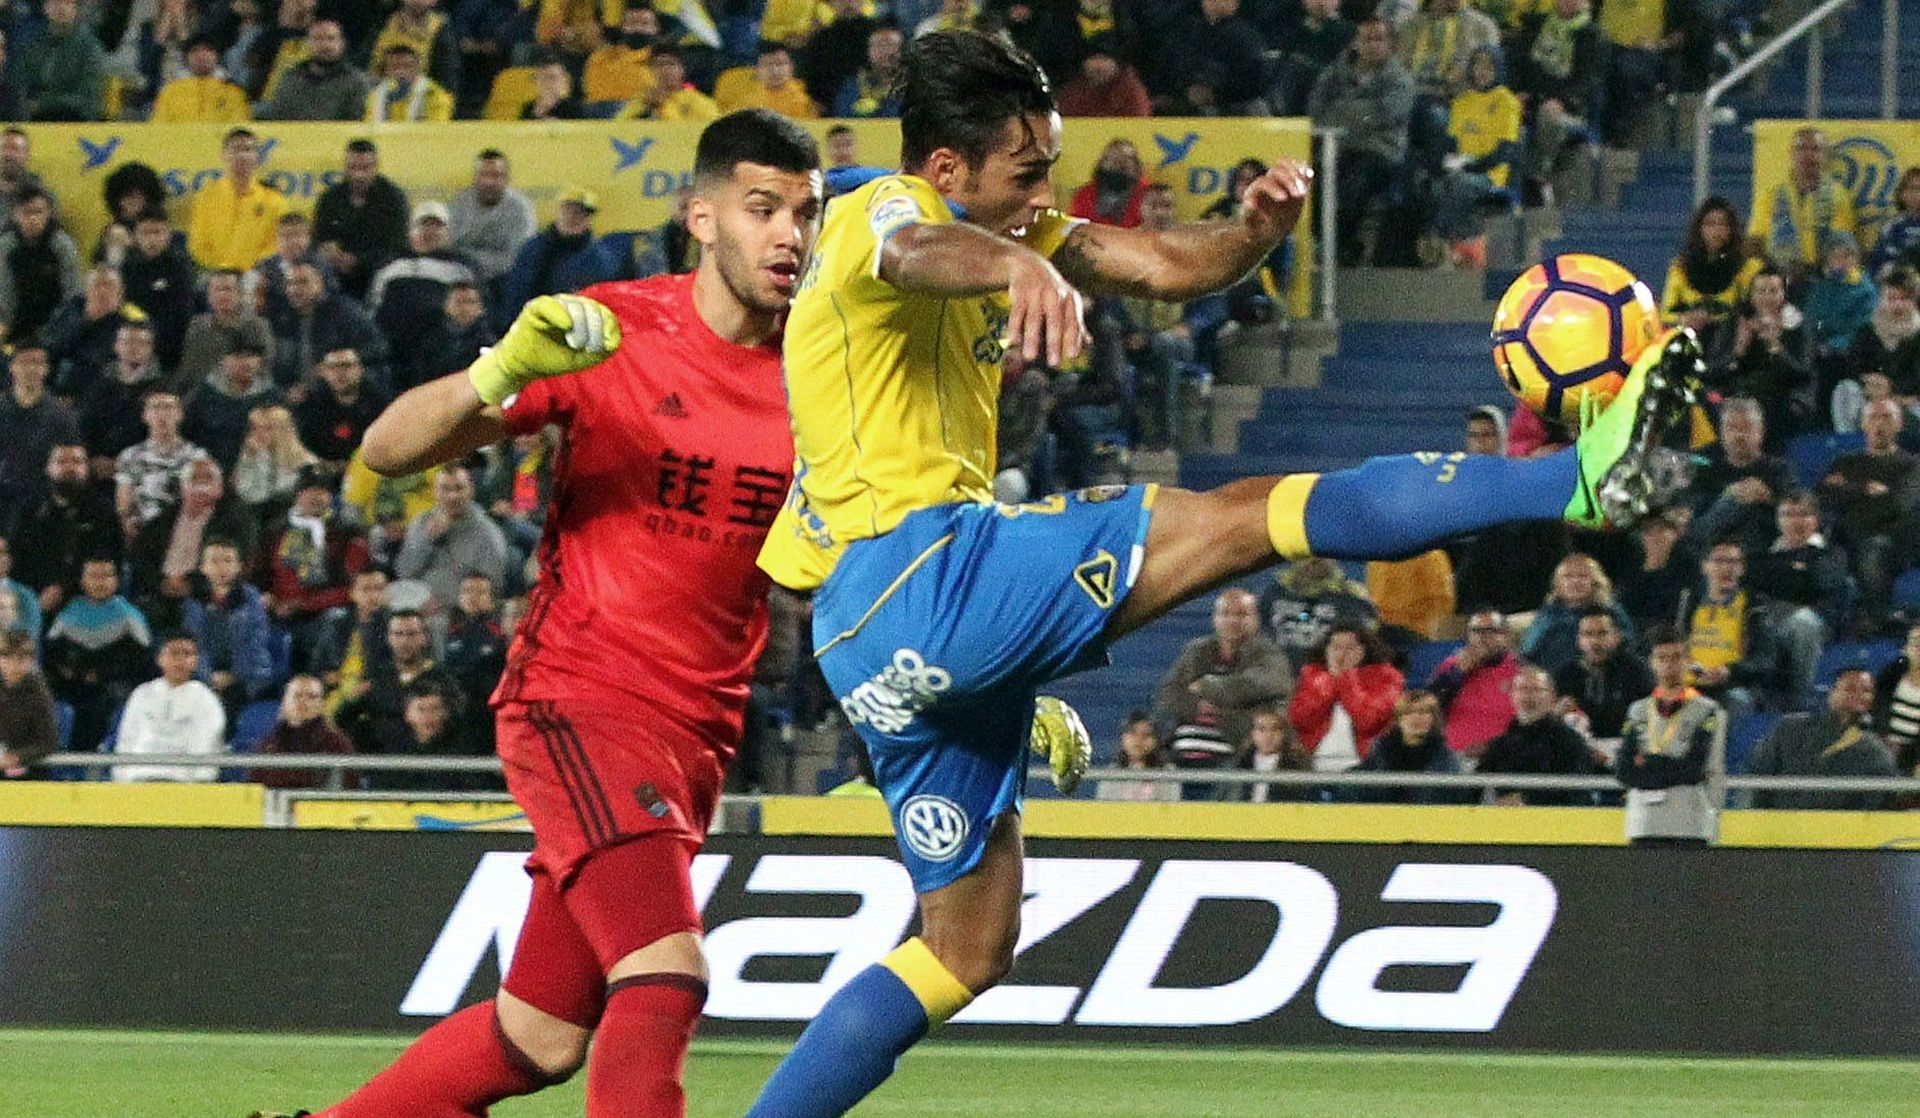 PRIMERA Minimalna pobjeda Real Sociedada, Halilović dobio 12 minuta